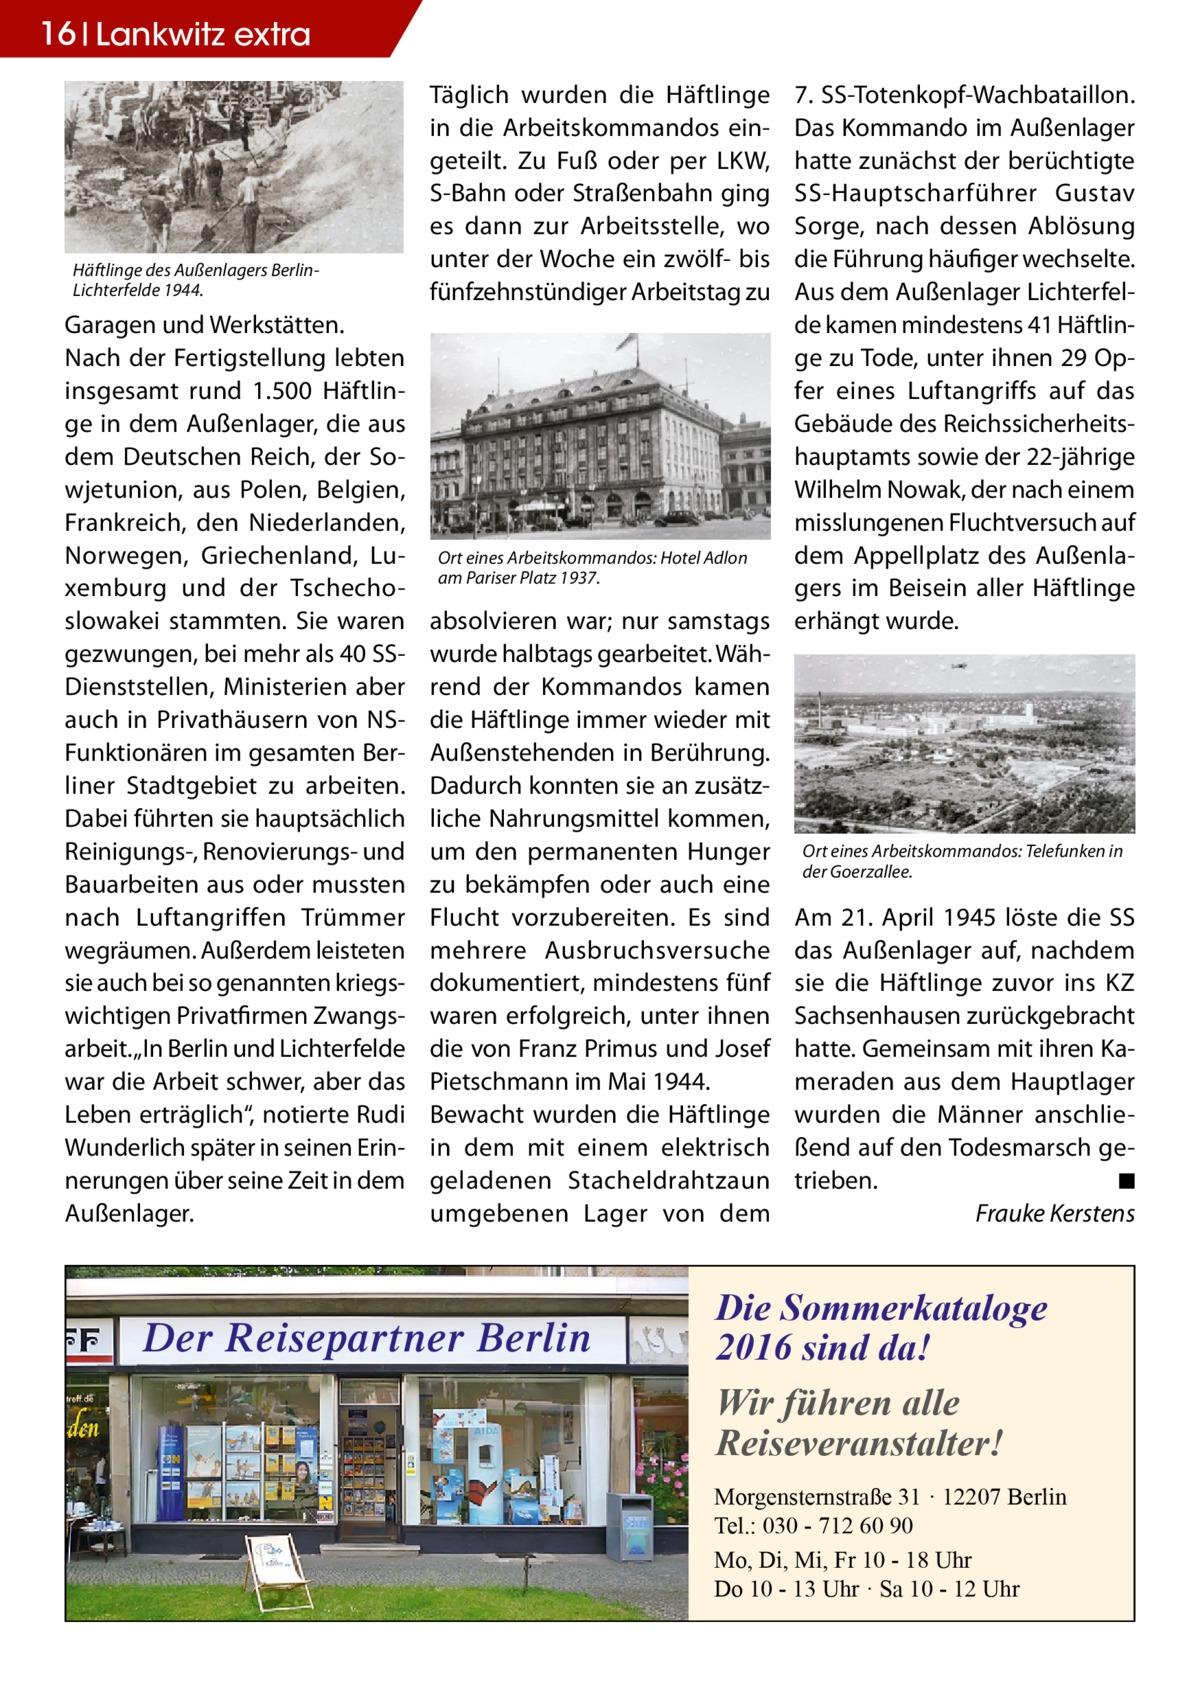 """16 Lankwitz extra  Häftlinge des Außenlagers BerlinLichterfelde 1944.  Garagen und Werkstätten. Nach der Fertigstellung lebten insgesamt rund 1.500 Häftlinge in dem Außenlager, die aus dem Deutschen Reich, der Sowjetunion, aus Polen, Belgien, Frankreich, den Niederlanden, Norwegen, Griechenland, Luxemburg und der Tschechoslowakei stammten. Sie waren gezwungen, bei mehr als 40SSDienststellen, Ministerien aber auch in Privathäusern von NSFunktionären im gesamten Berliner Stadtgebiet zu arbeiten. Dabei führten sie hauptsächlich Reinigungs-, Renovierungs- und Bauarbeiten aus oder mussten nach Luftangriffen Trümmer wegräumen. Außerdem leisteten sie auch bei so genannten kriegswichtigen Privatfirmen Zwangsarbeit. """"In Berlin und Lichterfelde war die Arbeit schwer, aber das Leben erträglich"""", notierte Rudi Wunderlich später in seinen Erinnerungen über seine Zeit in dem Außenlager.  Täglich wurden die Häftlinge in die Arbeitskommandos eingeteilt. Zu Fuß oder per LKW, S-Bahn oder Straßenbahn ging es dann zur Arbeitsstelle, wo unter der Woche ein zwölf- bis fünfzehnstündiger Arbeitstag zu  7.SS-Totenkopf-Wachbataillon. Das Kommando im Außenlager hatte zunächst der berüchtigte SS-Hauptscharführer Gustav Sorge, nach dessen Ablösung die Führung häufiger wechselte. Aus dem Außenlager Lichterfelde kamen mindestens 41 Häftlinge zu Tode, unter ihnen 29Opfer eines Luftangriffs auf das Gebäude des Reichssicherheitshauptamts sowie der 22-jährige Wilhelm Nowak, der nach einem misslungenen Fluchtversuch auf dem Appellplatz des AußenlaOrt eines Arbeitskommandos: Hotel Adlon am Pariser Platz 1937. gers im Beisein aller Häftlinge absolvieren war; nur samstags erhängt wurde. wurde halbtags gearbeitet. Während der Kommandos kamen die Häftlinge immer wieder mit Außenstehenden in Berührung. Dadurch konnten sie an zusätzliche Nahrungsmittel kommen, um den permanenten Hunger Ort eines Arbeitskommandos: Telefunken in der Goerzallee. zu bekämpfen oder auch eine Flucht vorzubereiten. Es sind Am 21. A"""